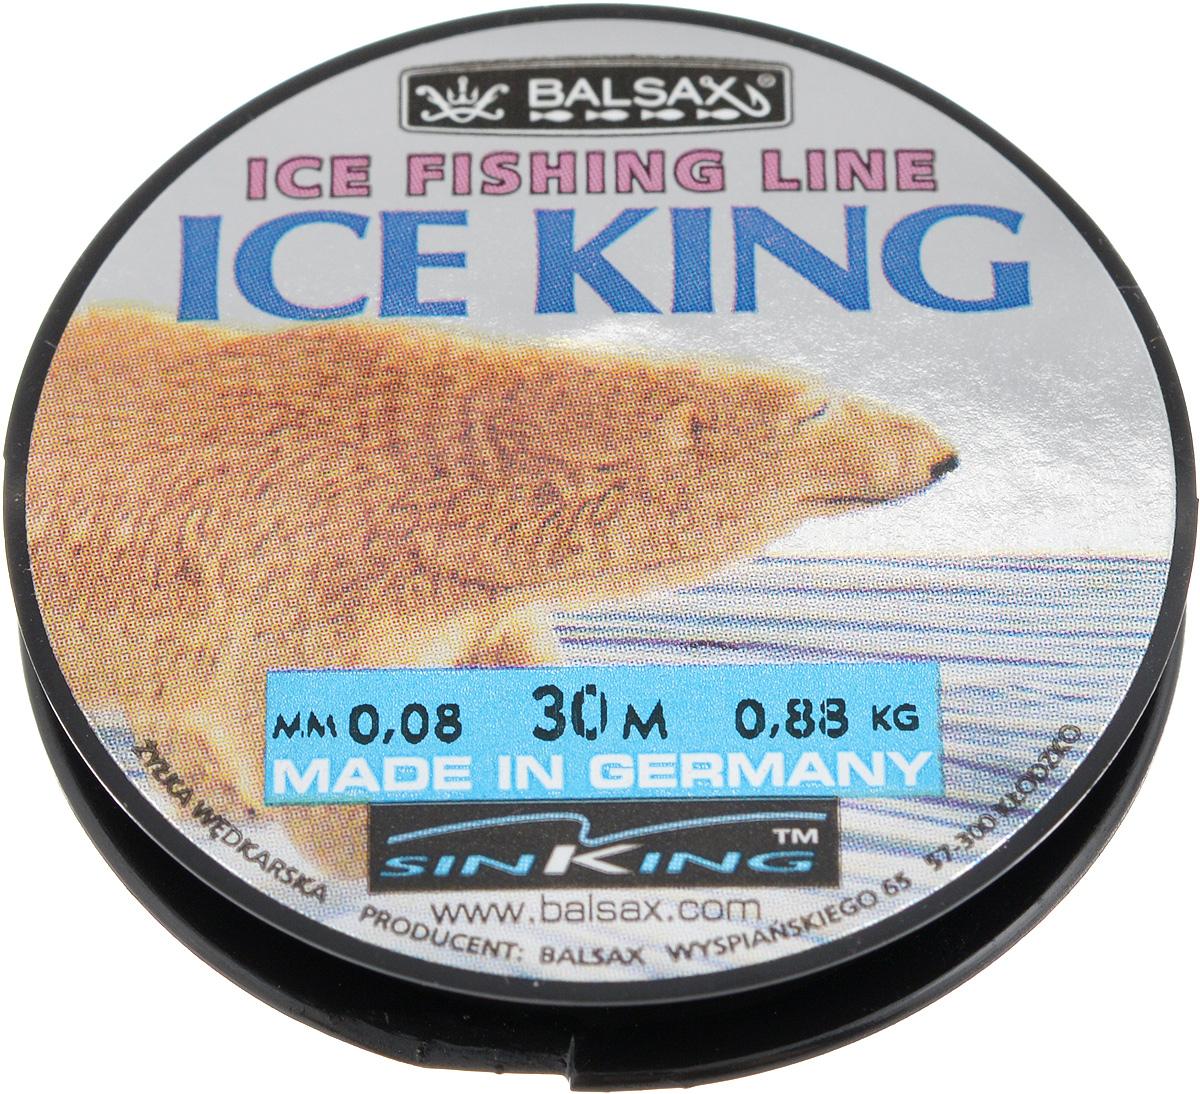 Леска зимняя Balsax Ice King, 30 м, 0,08 мм, 0,88 кг312-07012Леска Balsax Ice King изготовлена из 100% нейлона и очень хорошо выдерживает низкие температуры. Даже в самом холодном климате, при температуре вплоть до -40°C, она сохраняет свои свойства практически без изменений, в то время как традиционные лески становятся менее эластичными и теряют прочность.Поверхность лески обработана таким образом, что она не обмерзает и отлично подходит для подледного лова. Прочна в местах вязки узлов даже при минимальном диаметре.